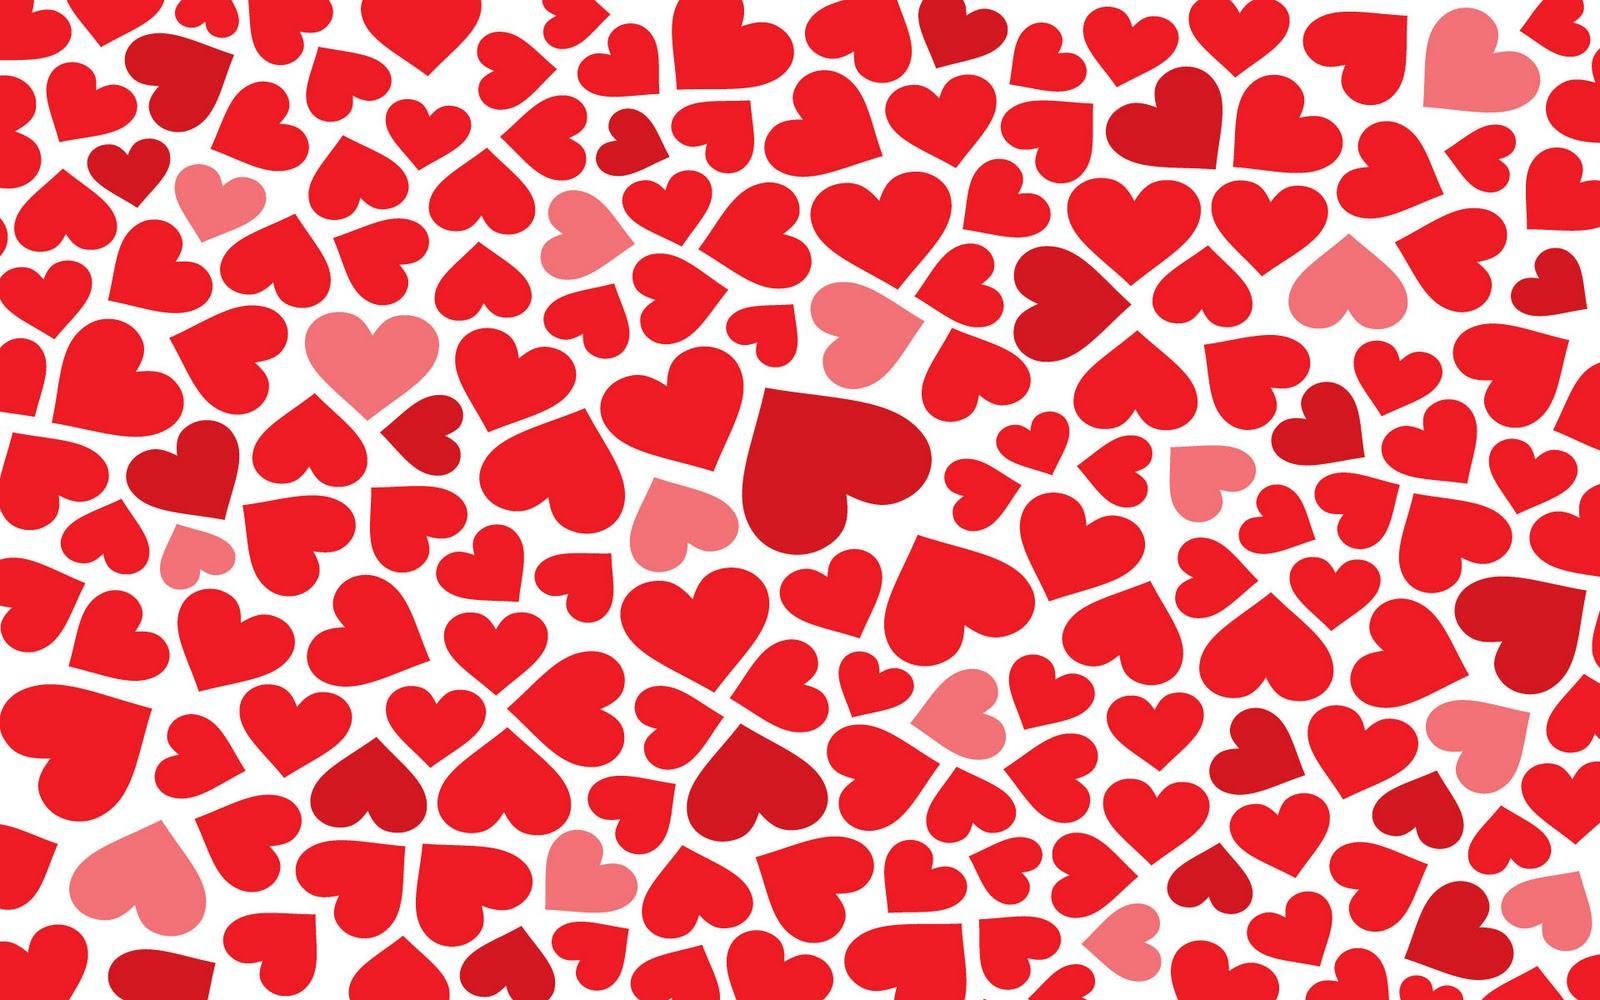 Mijn Geheimen Voor Een Stralende Lach Hypnotiserende Liefde